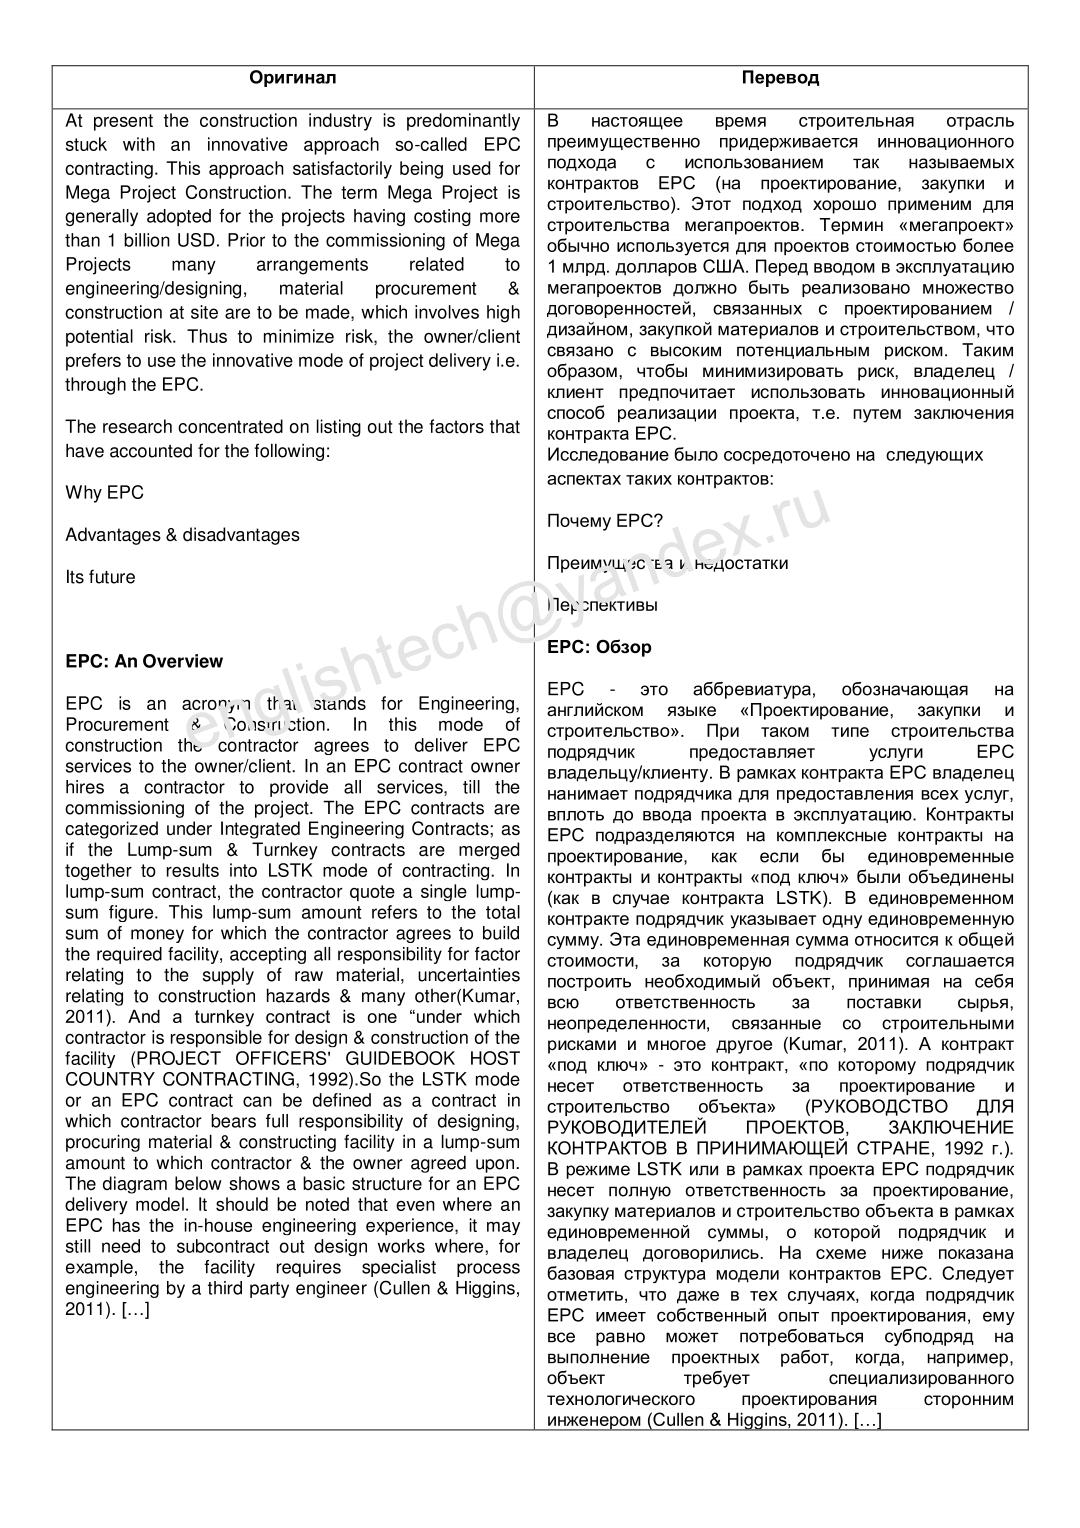 Статья о формах контрактов в строительстве (En-Ru)